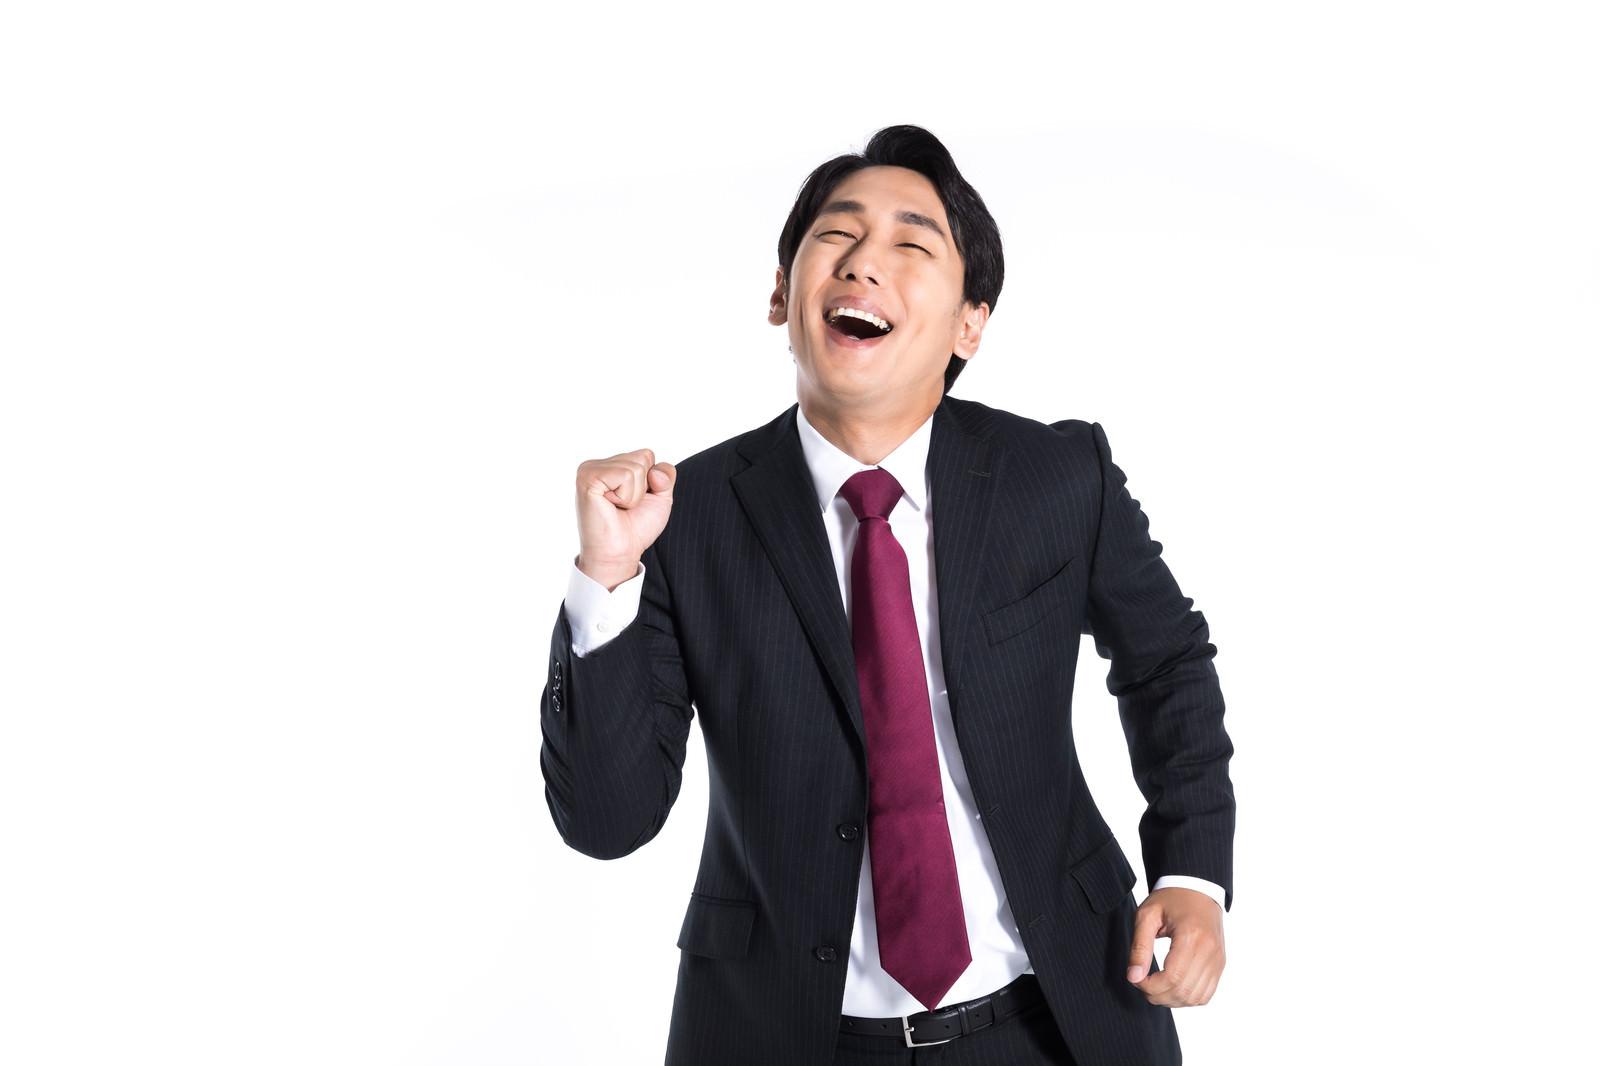 「嬉しい反応がよくわかる会社員」の写真[モデル:大川竜弥]